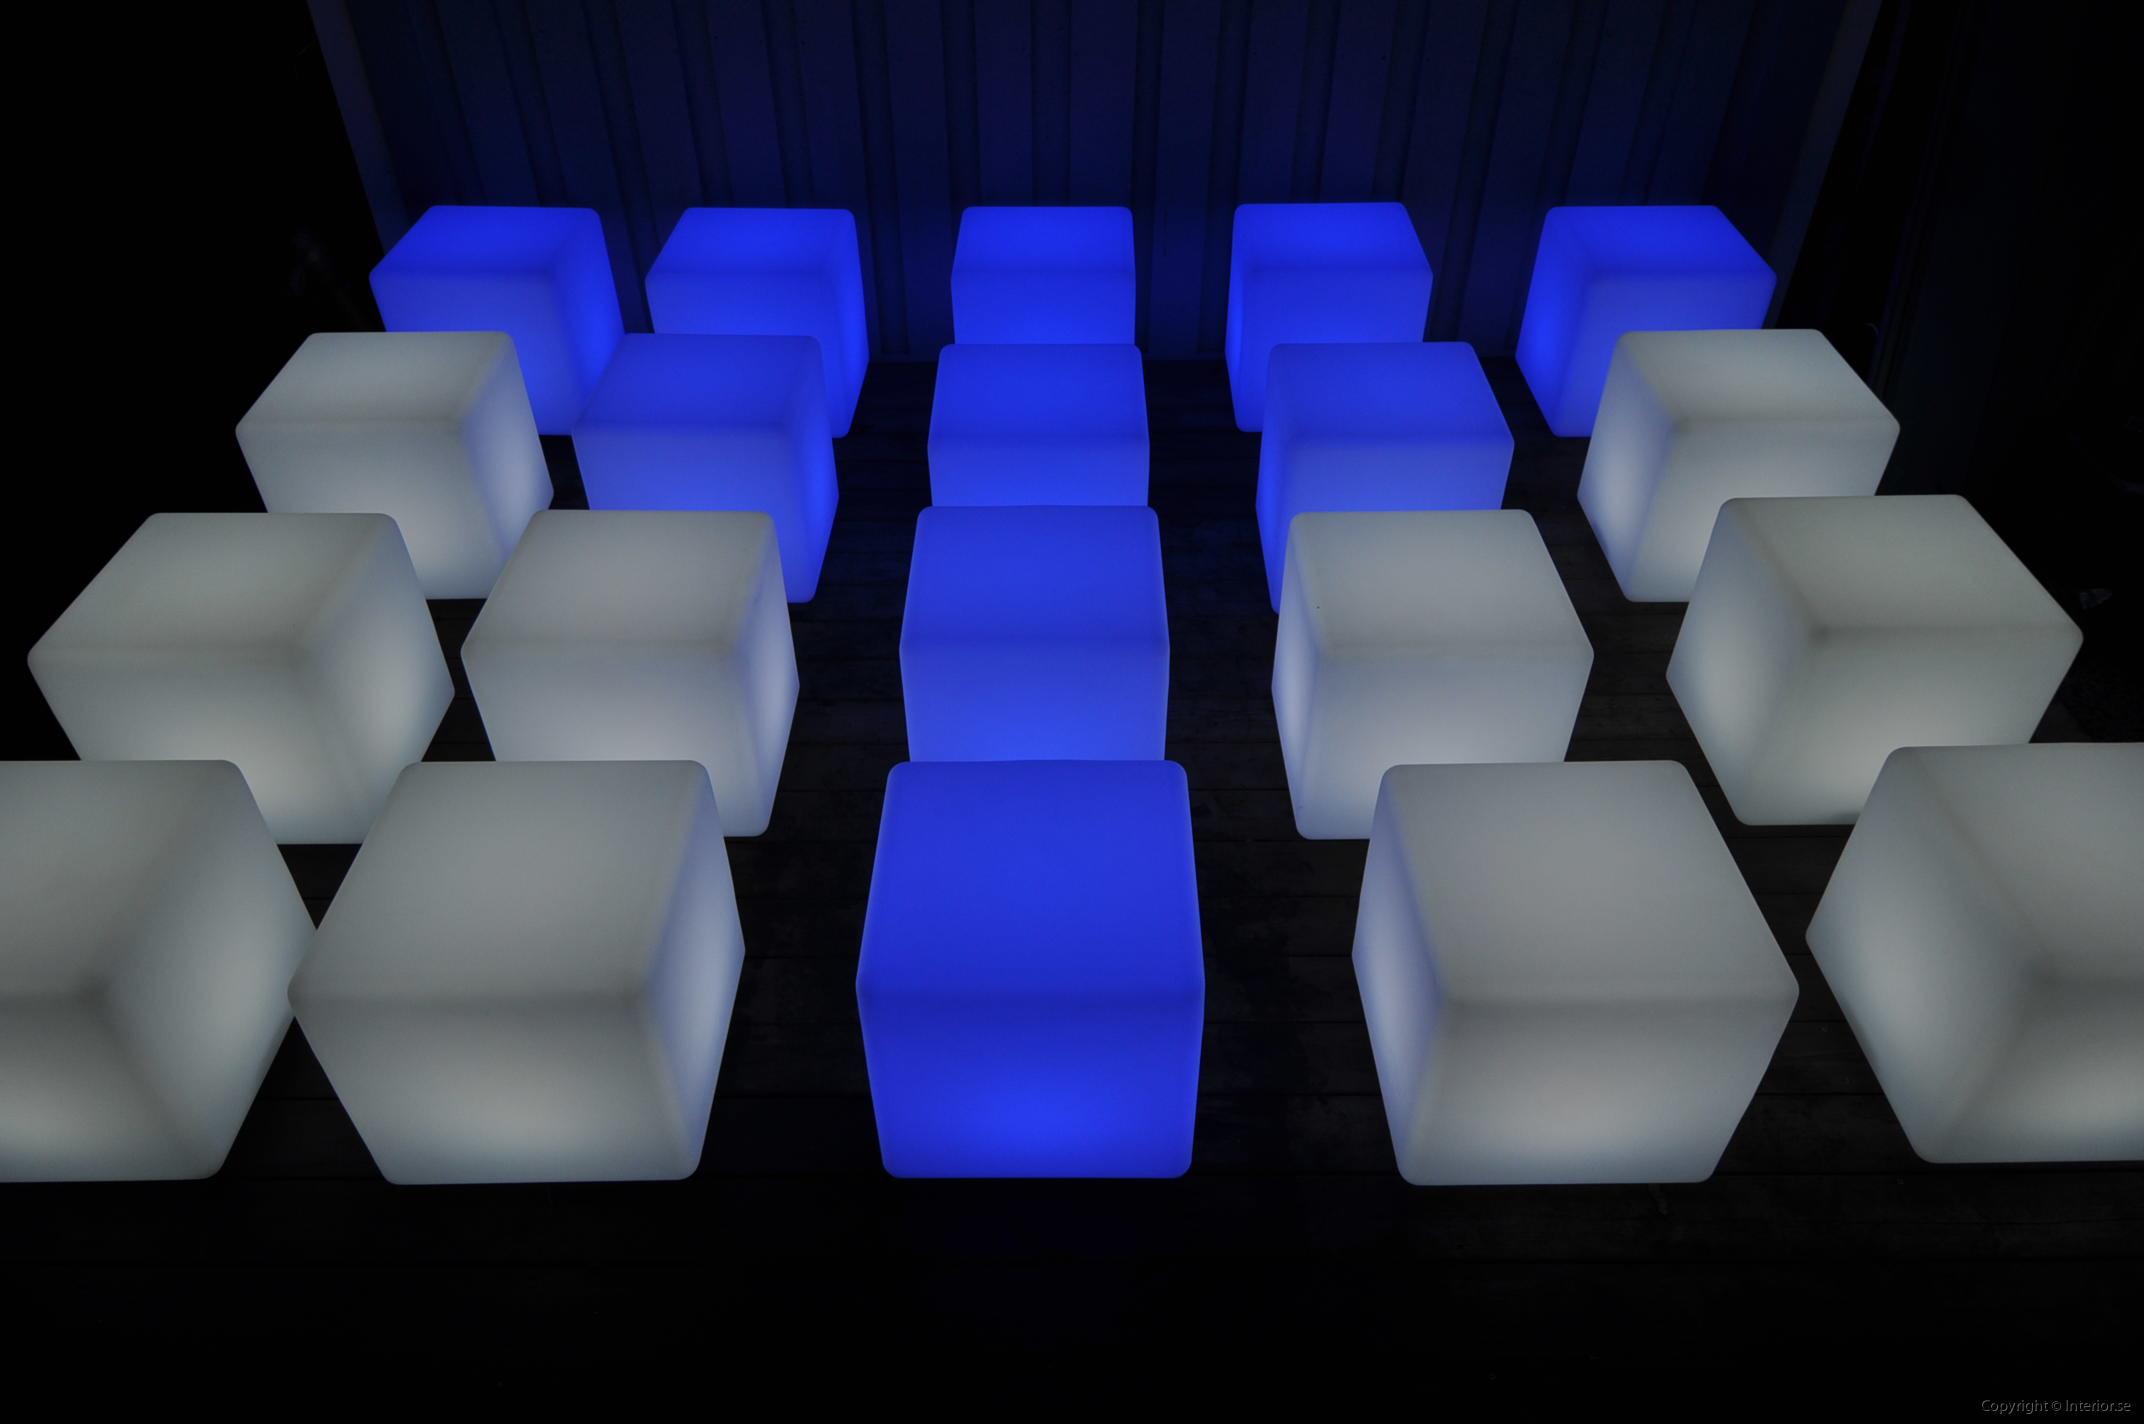 Hyra led möbler ledmöbler stockholm event möbler hyr möbler stockholm event led furniture hire stockholm (18)